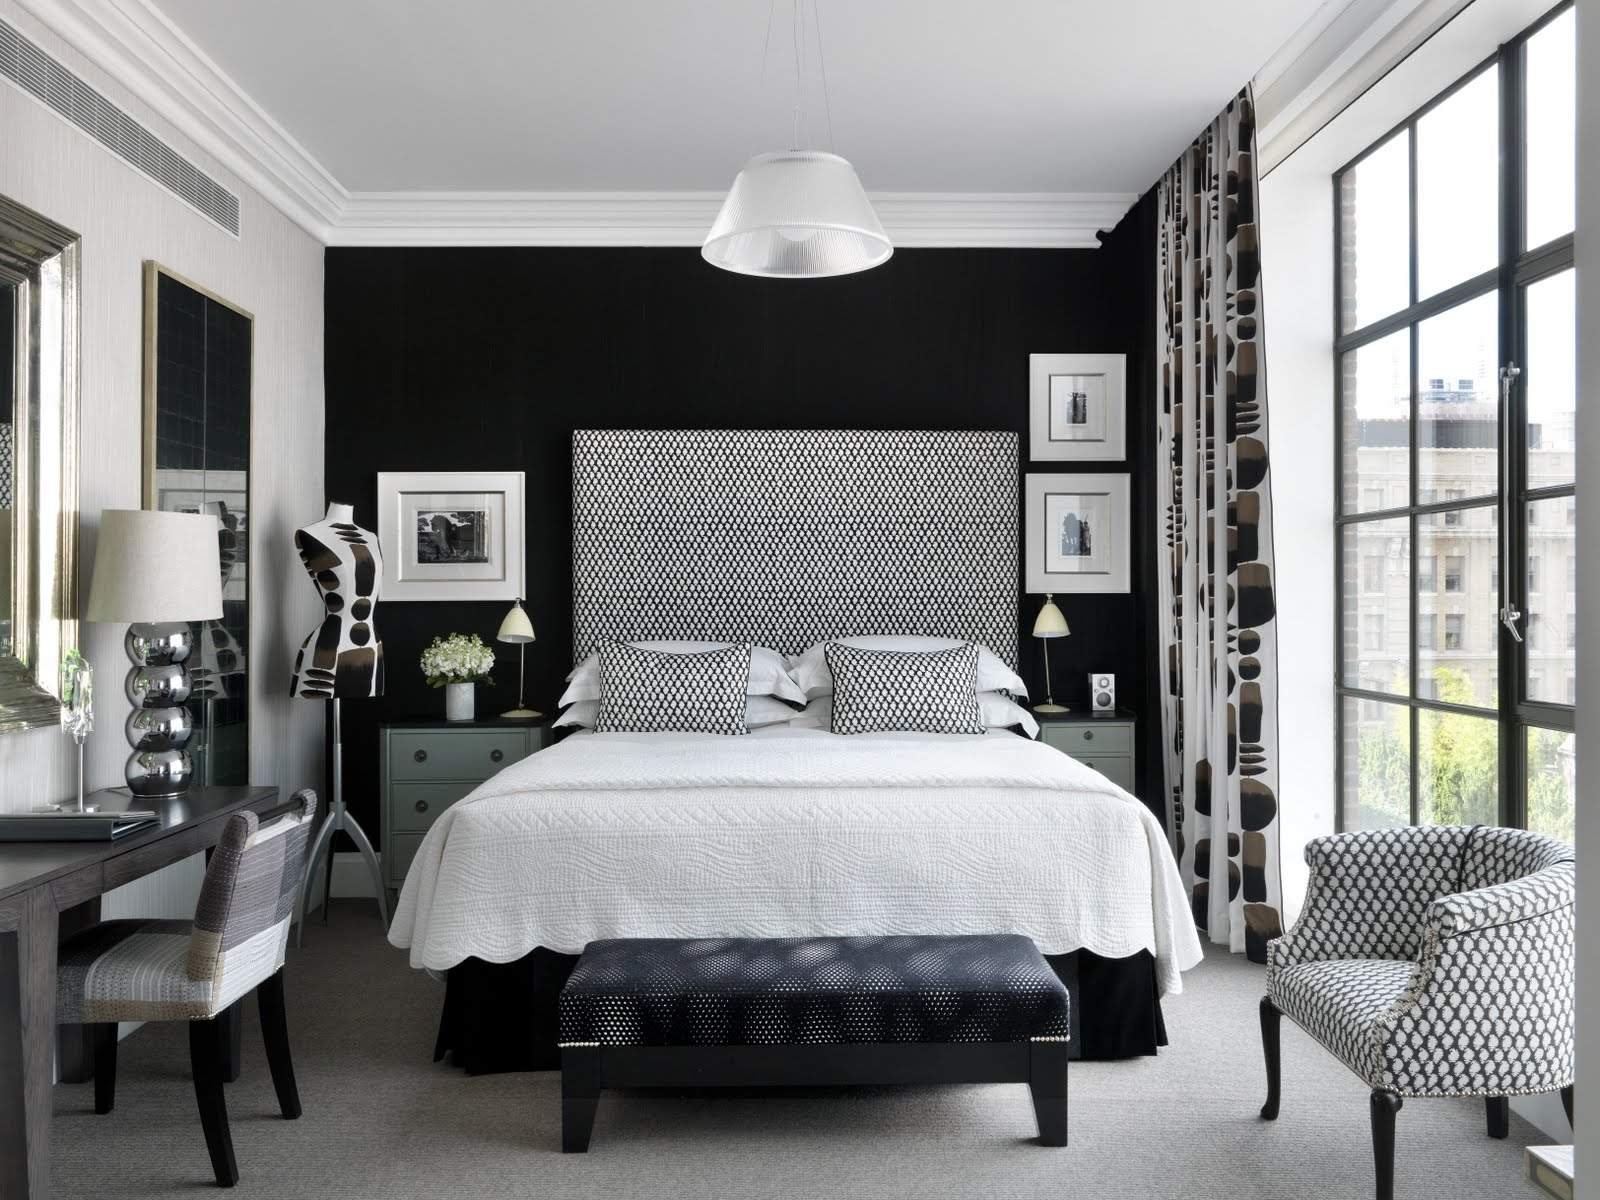 Черно-белая спальня (50 фото): красивые интерьеры с модными акцентами